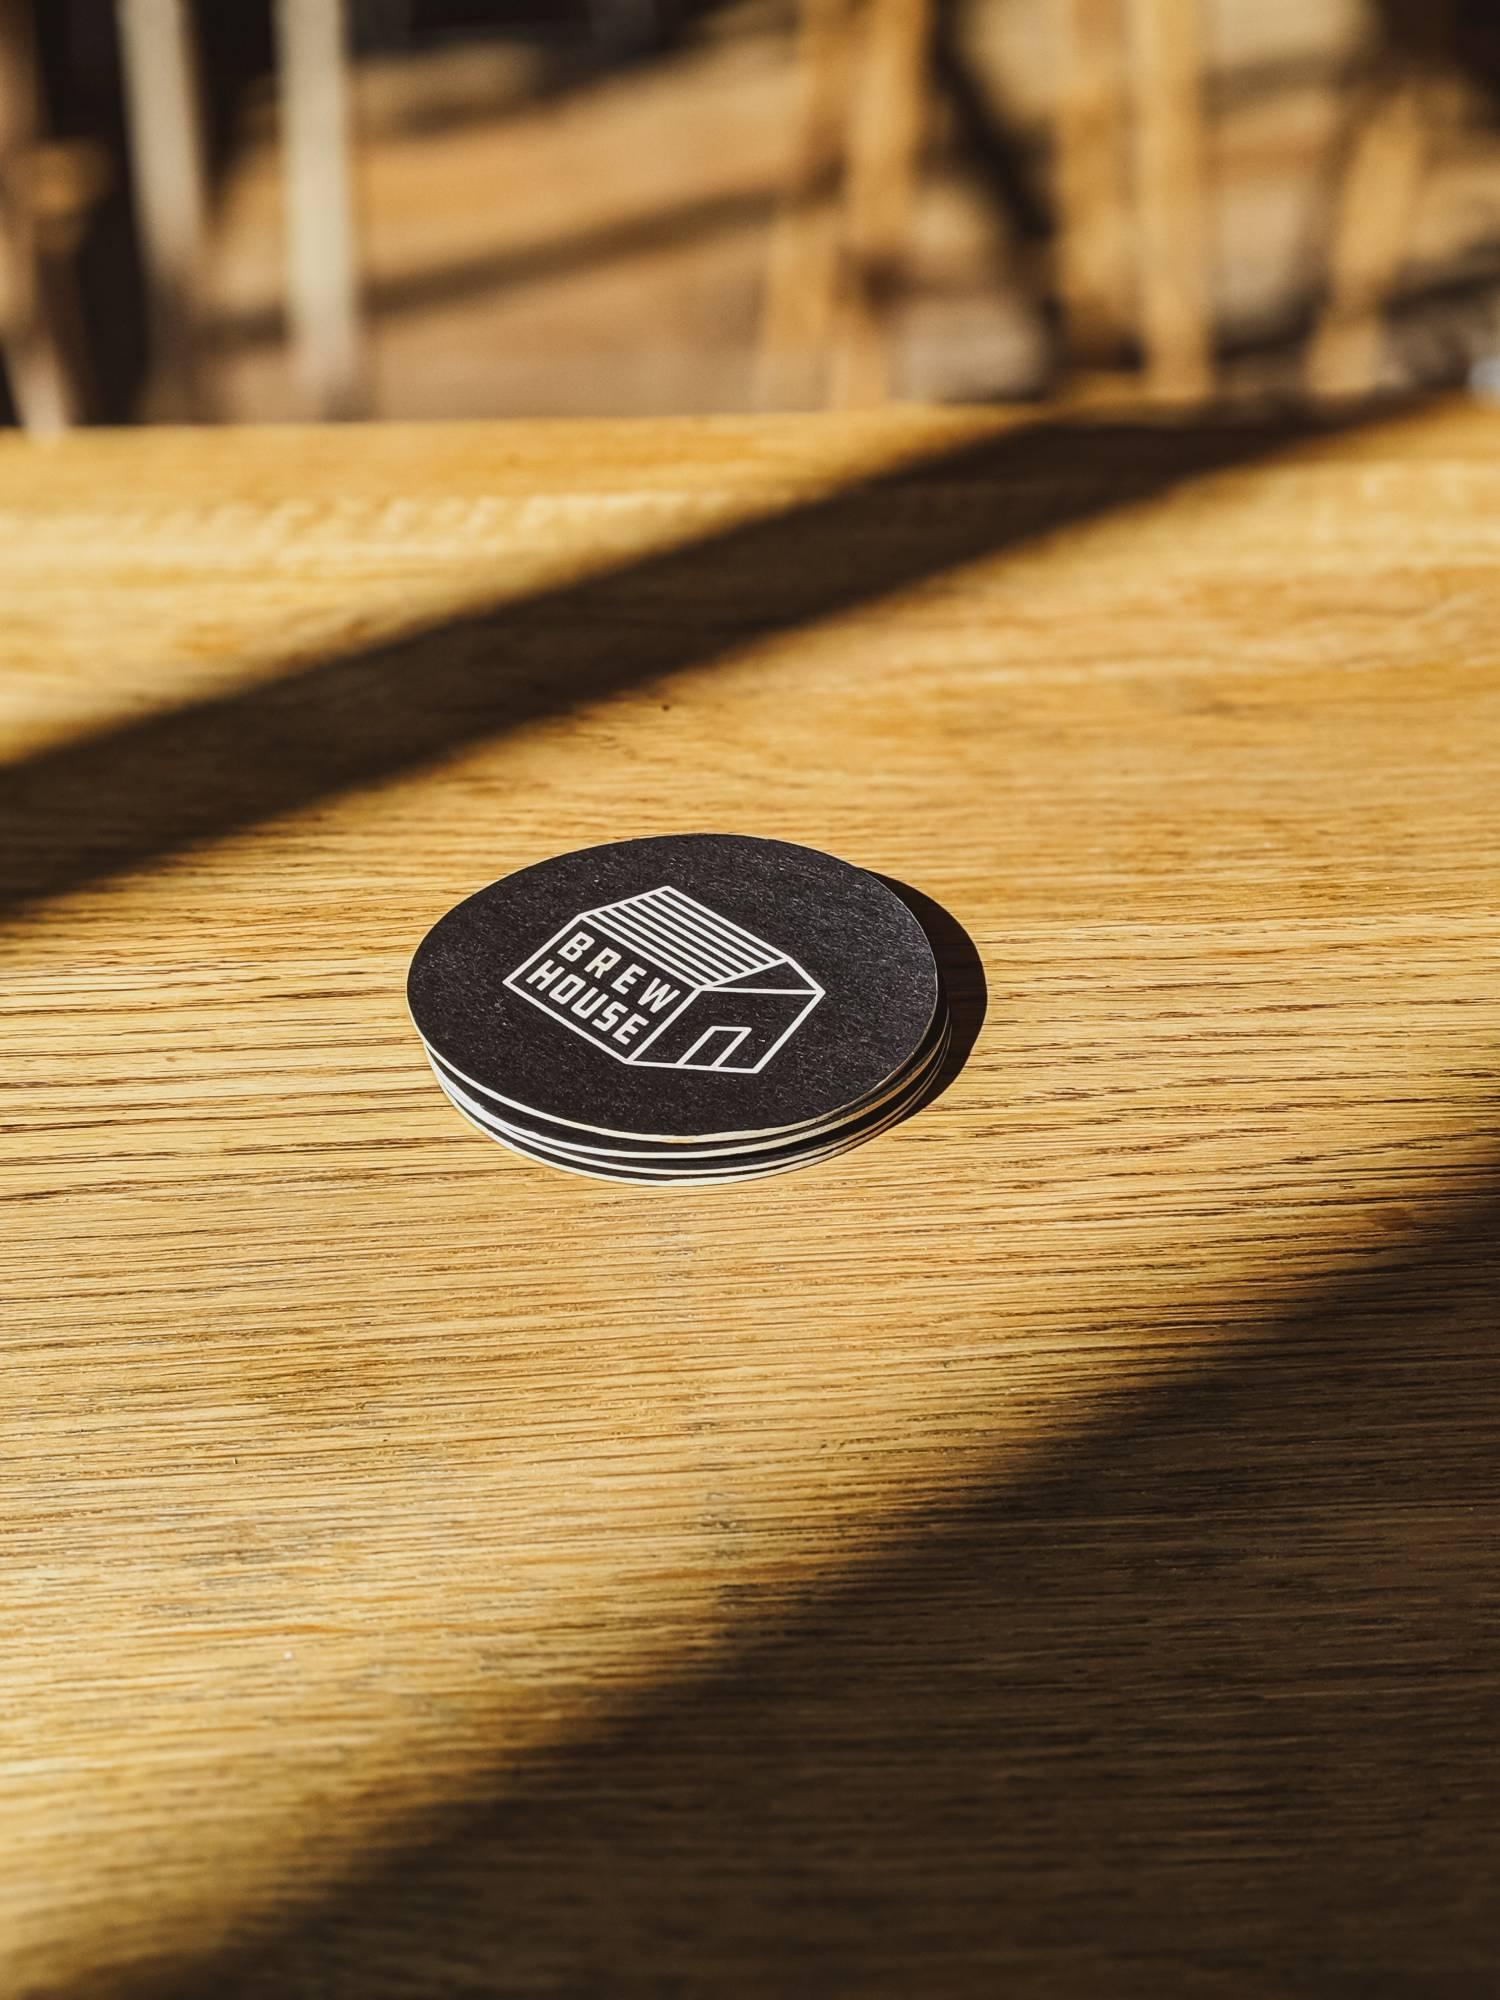 Black coaster on table